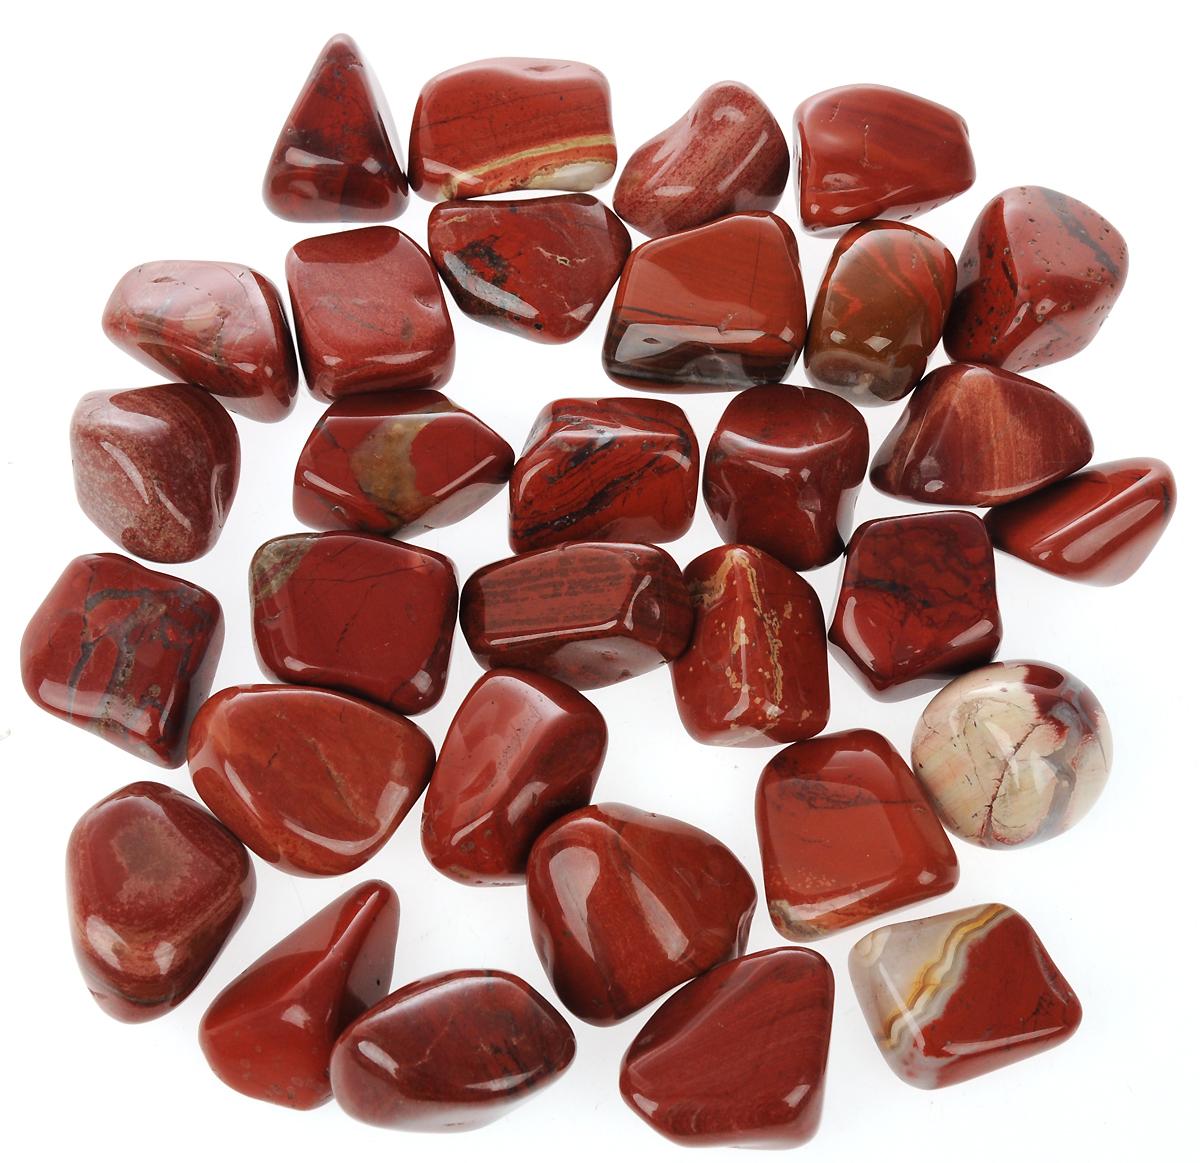 Кристаллы Lo Scarabeo Красная Яшма, 500 гр. CR09CR09Камни в виде кристаллов могут использоваться в астрологических гаданиях, а также как амулет или талисман. В зависимости от свойств камня можно выбирать и принцип его применения. Обращаем ваше внимание, что упаковка может содержать различное количество кристаллов (20-35 штук).